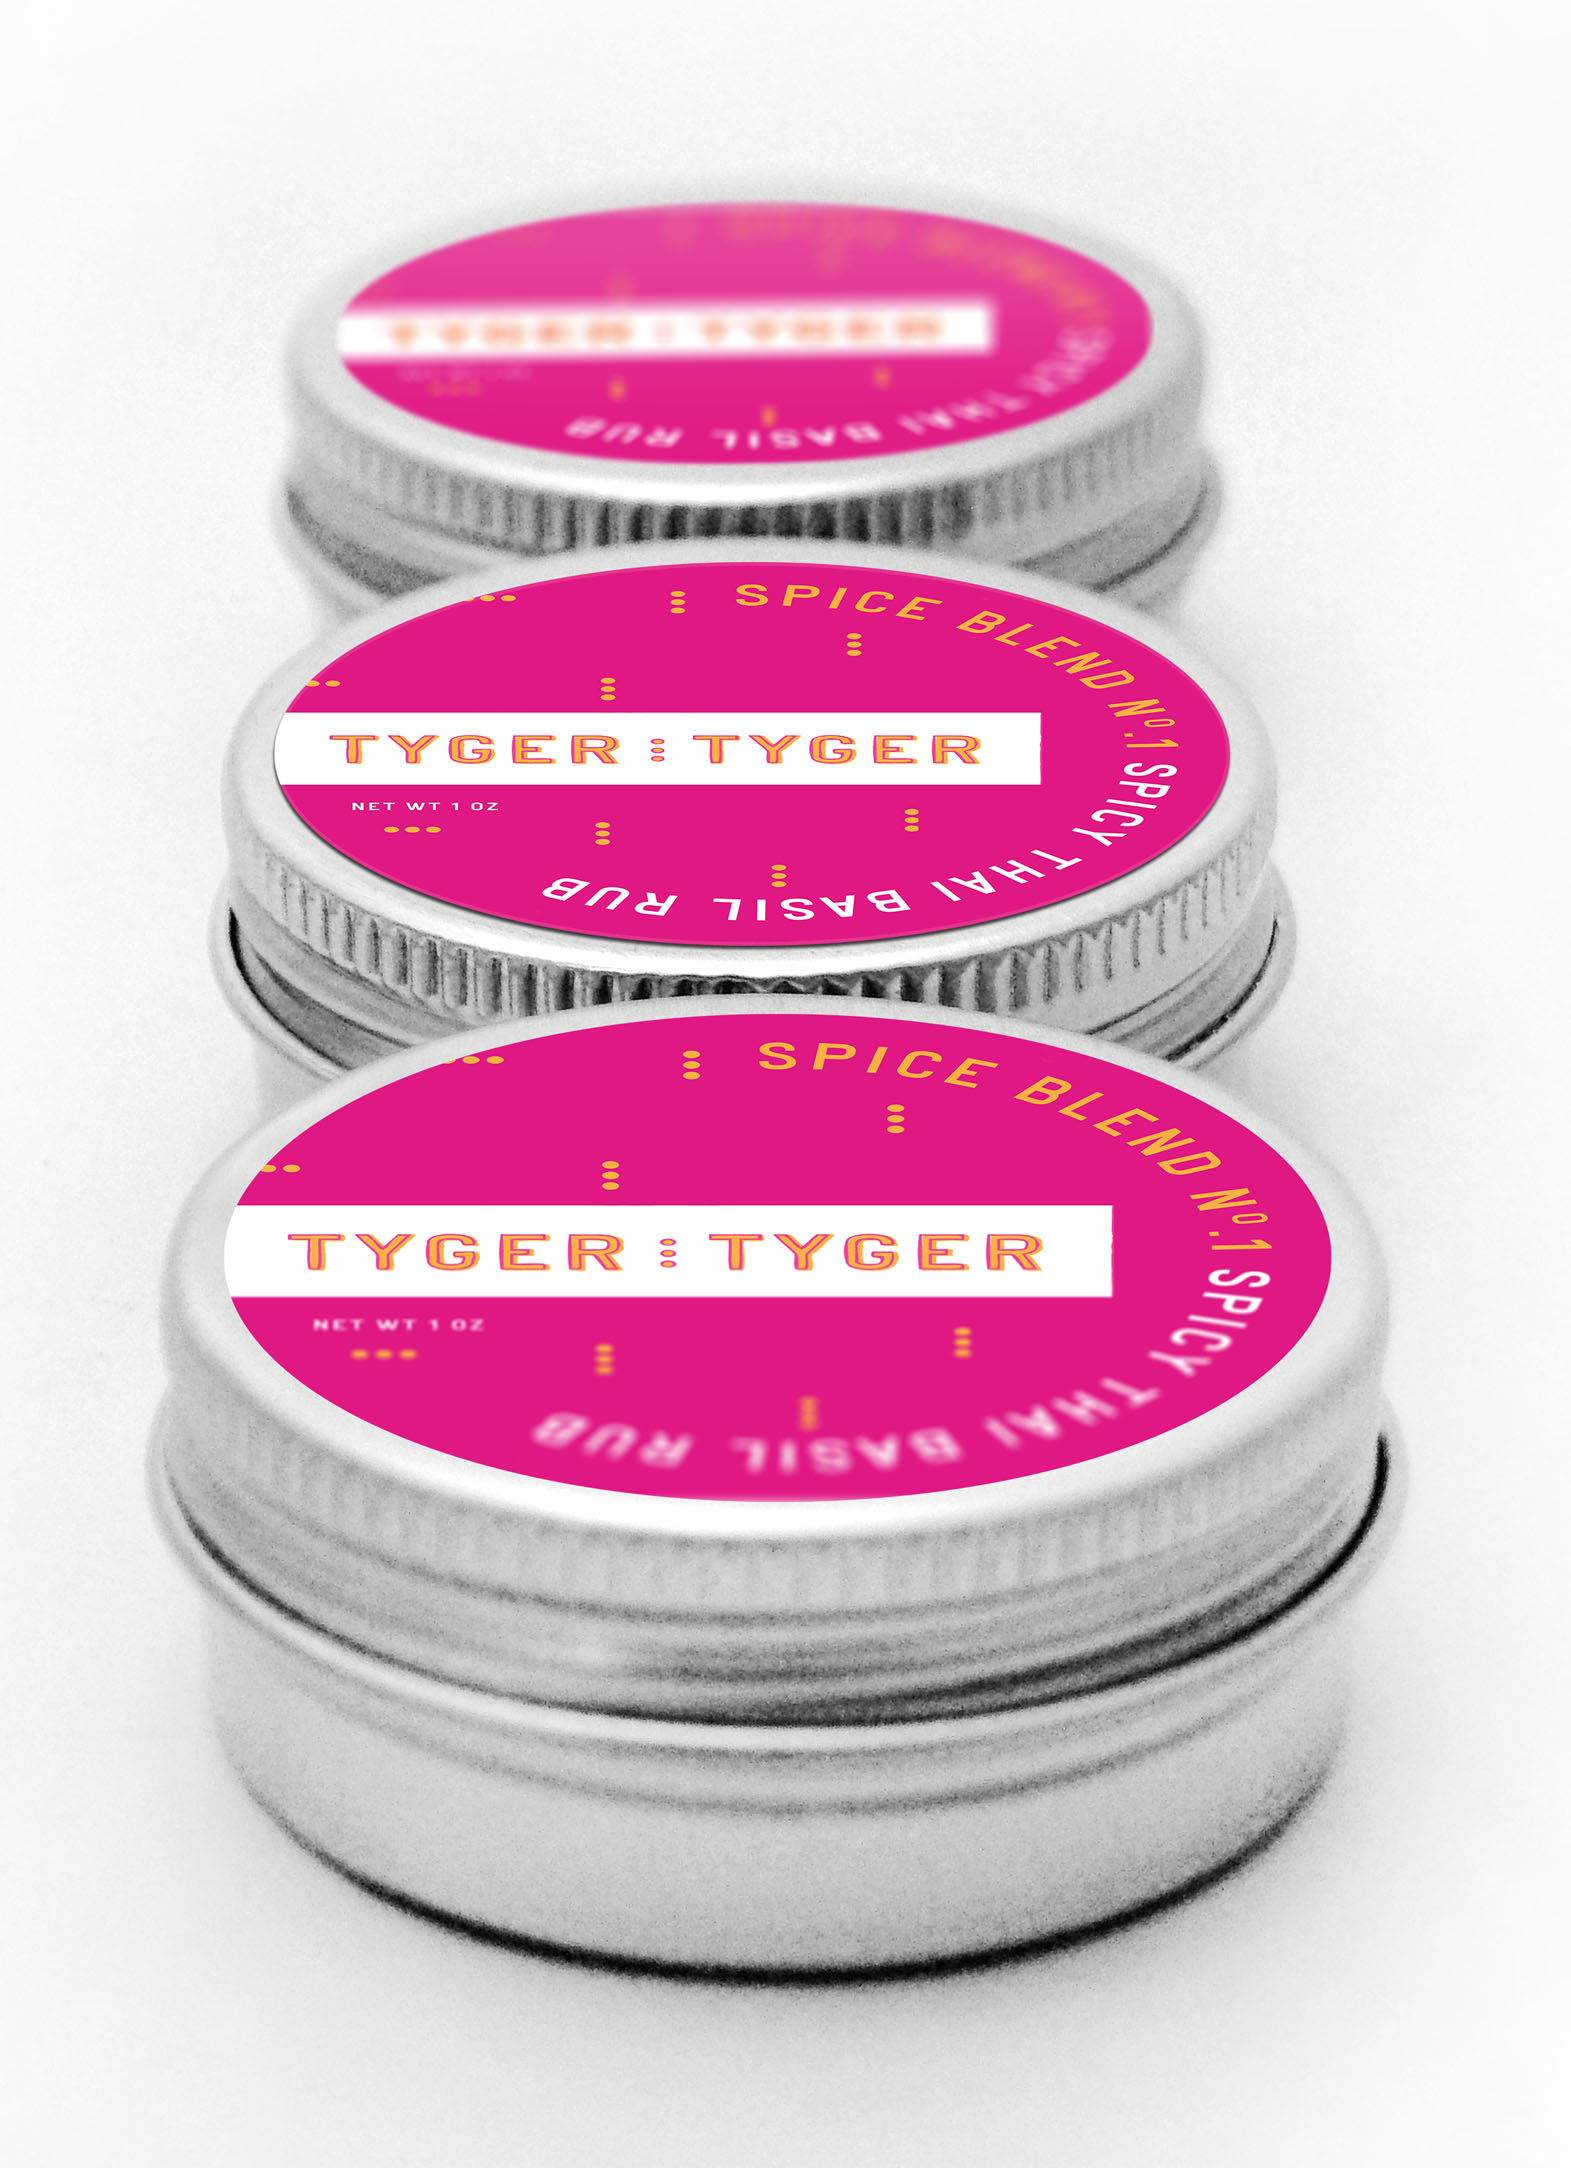 Tyger_Tyger_Tins_Packaging